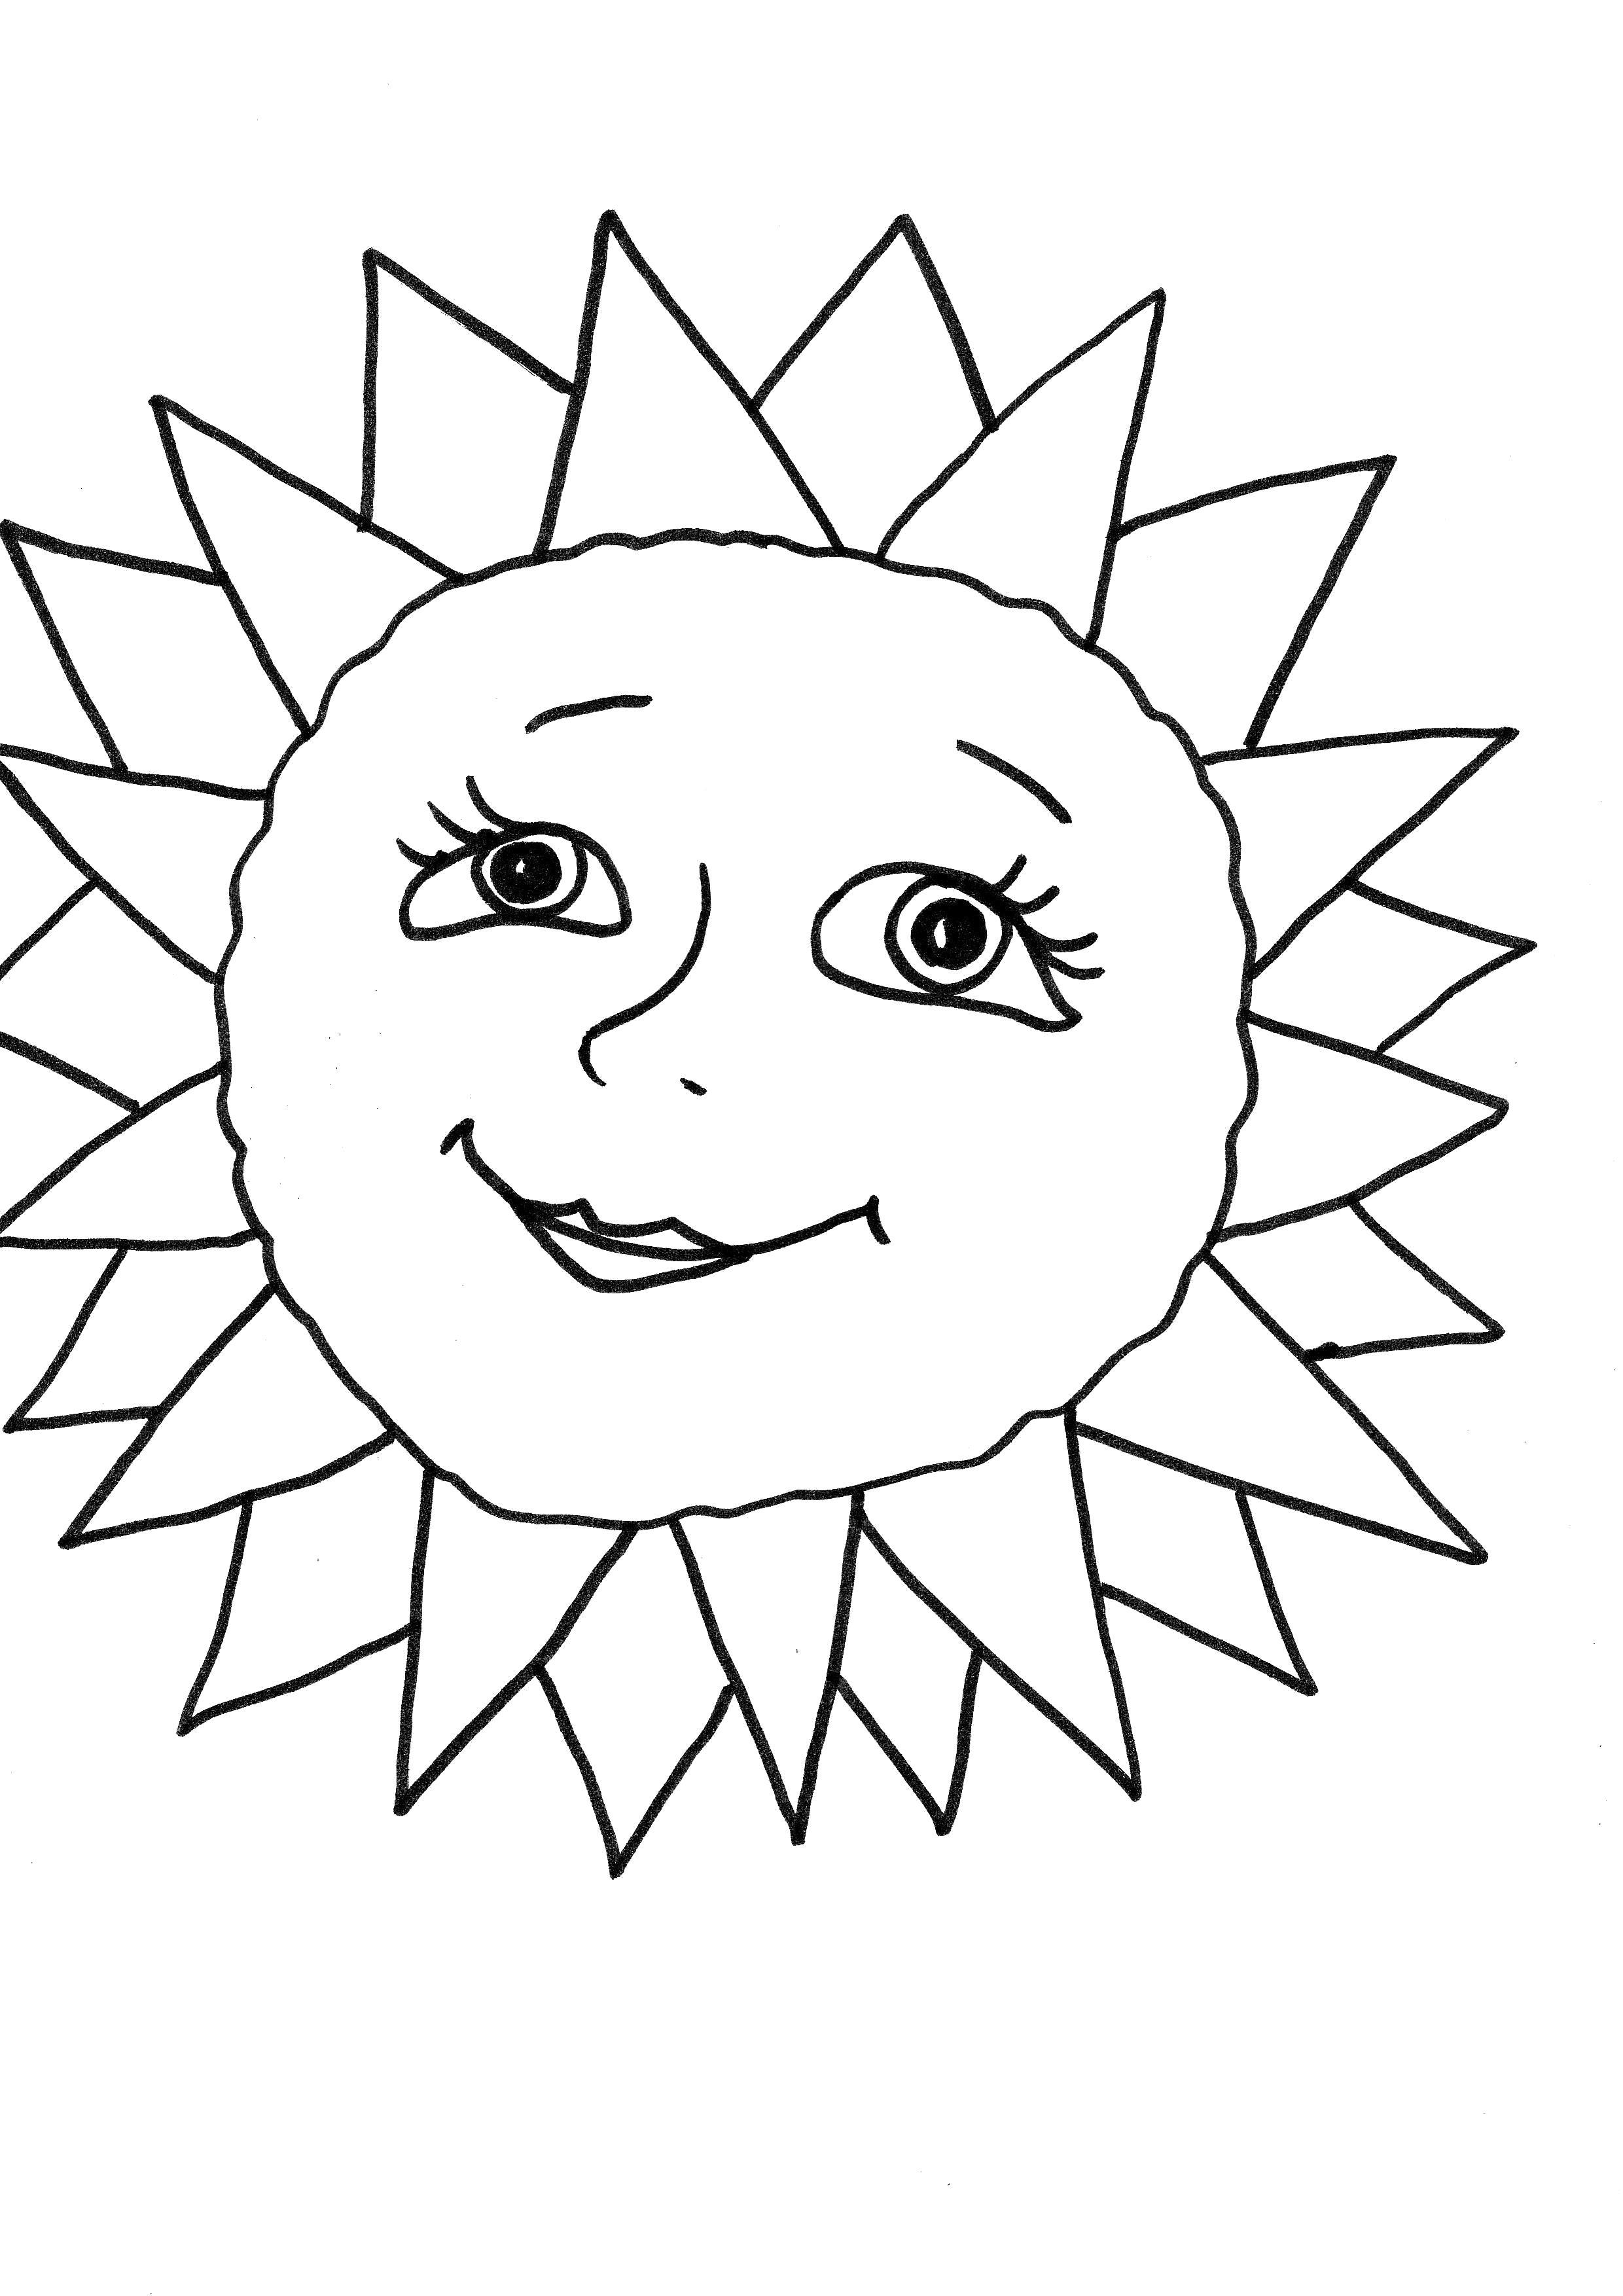 Солнышко черно белое картинка для распечатывания